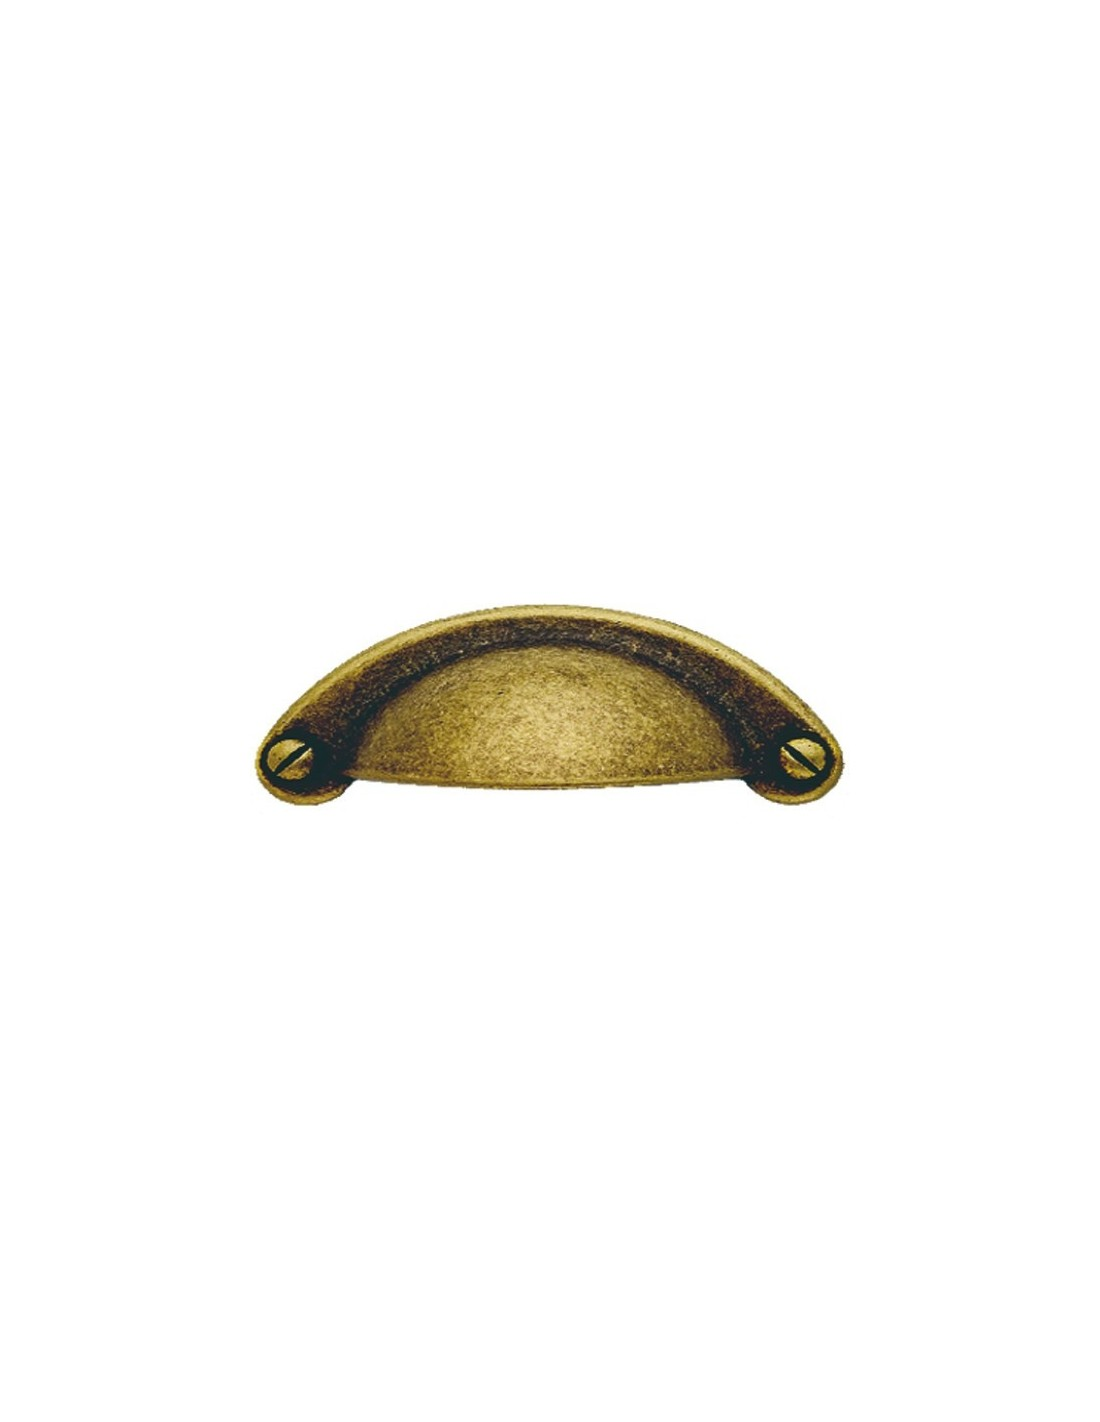 Tirador concha lg18026480 envejecido manchas pomos - Pomos y tiradores para muebles ...